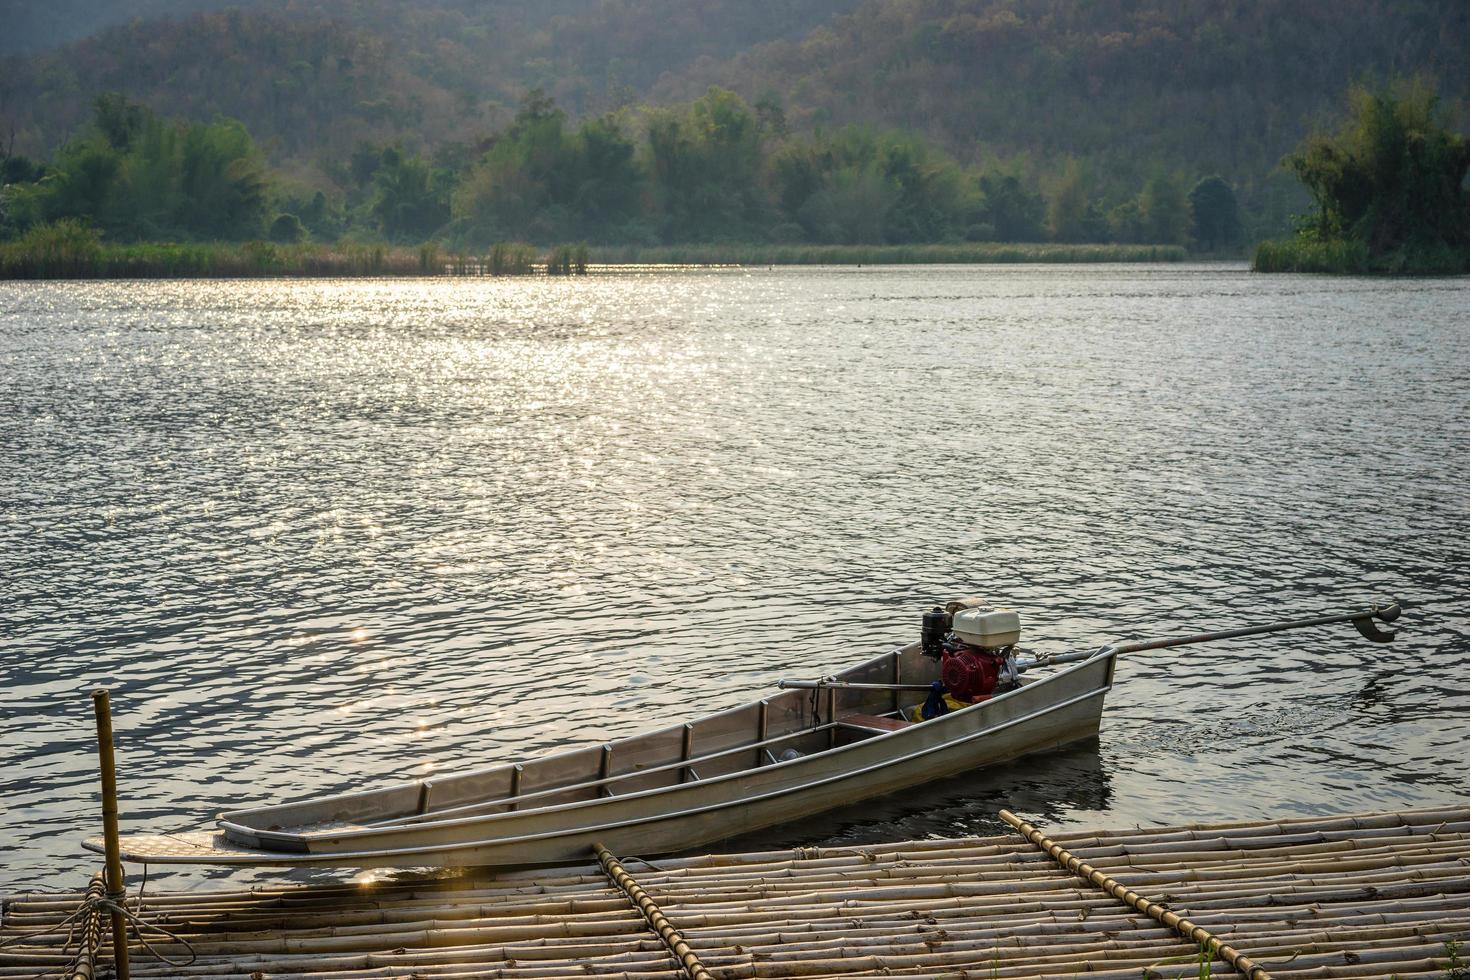 Boat at dock on lake photo